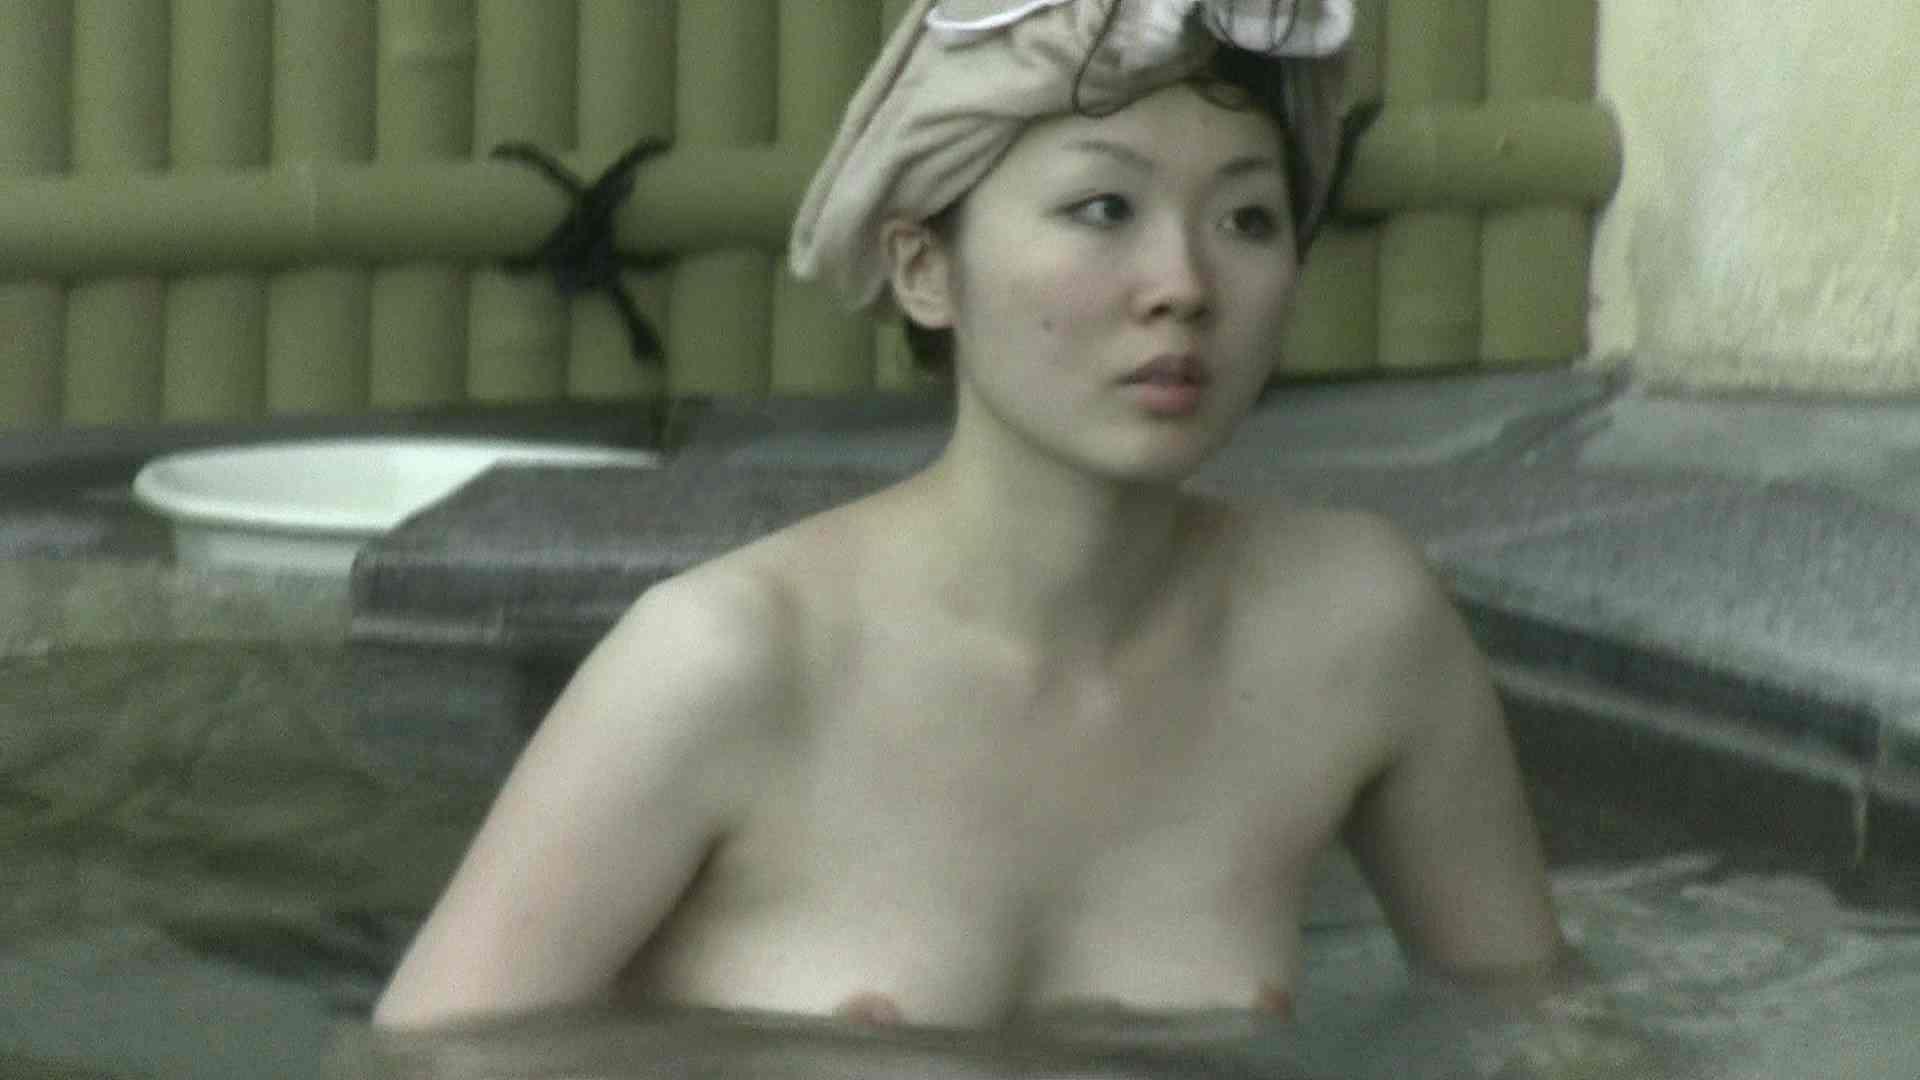 Aquaな露天風呂Vol.191 女体盗撮 のぞきおめこ無修正画像 72連発 20